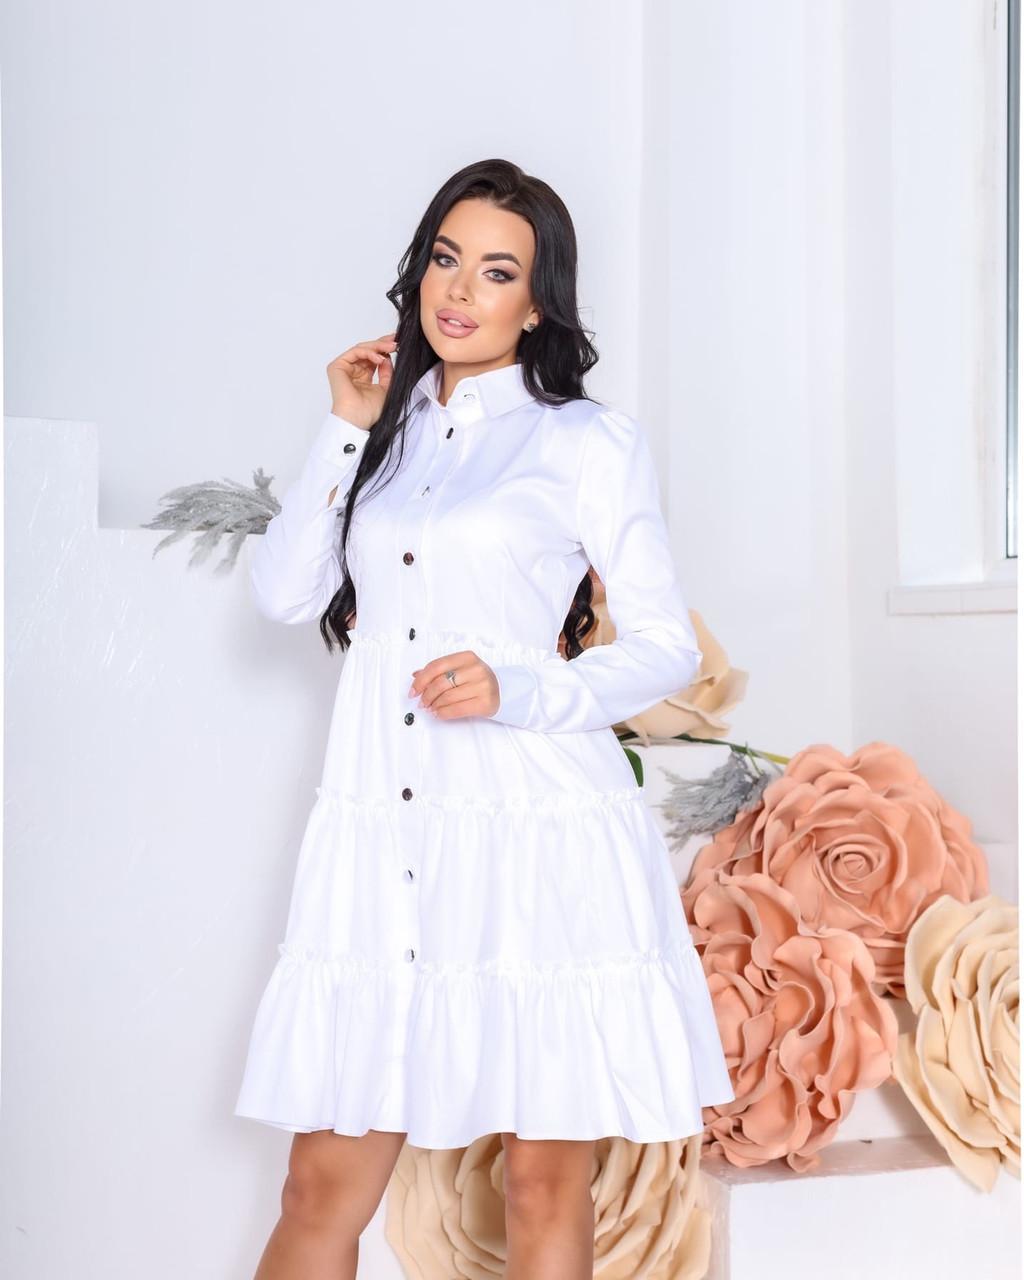 Женское платье с воротником свободный фасон ткань коттон длинный рукав размер: 42-44, 46-48